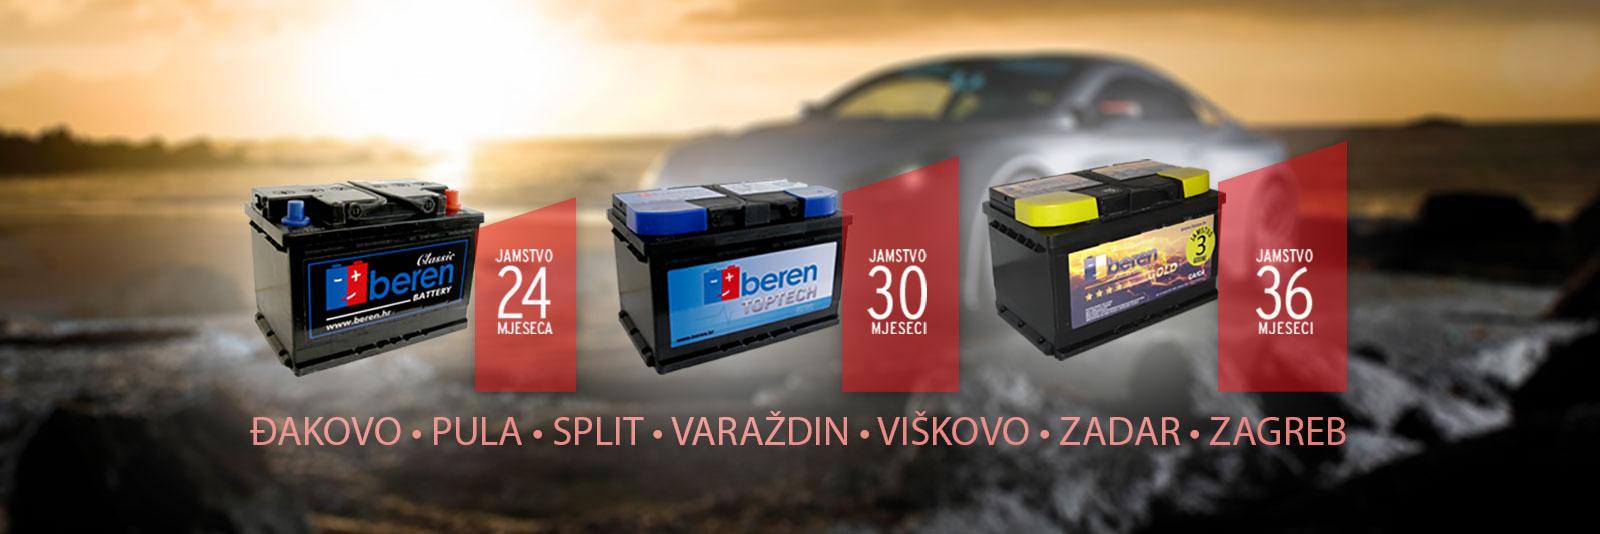 Beren-Slideshow_1600x534-B1